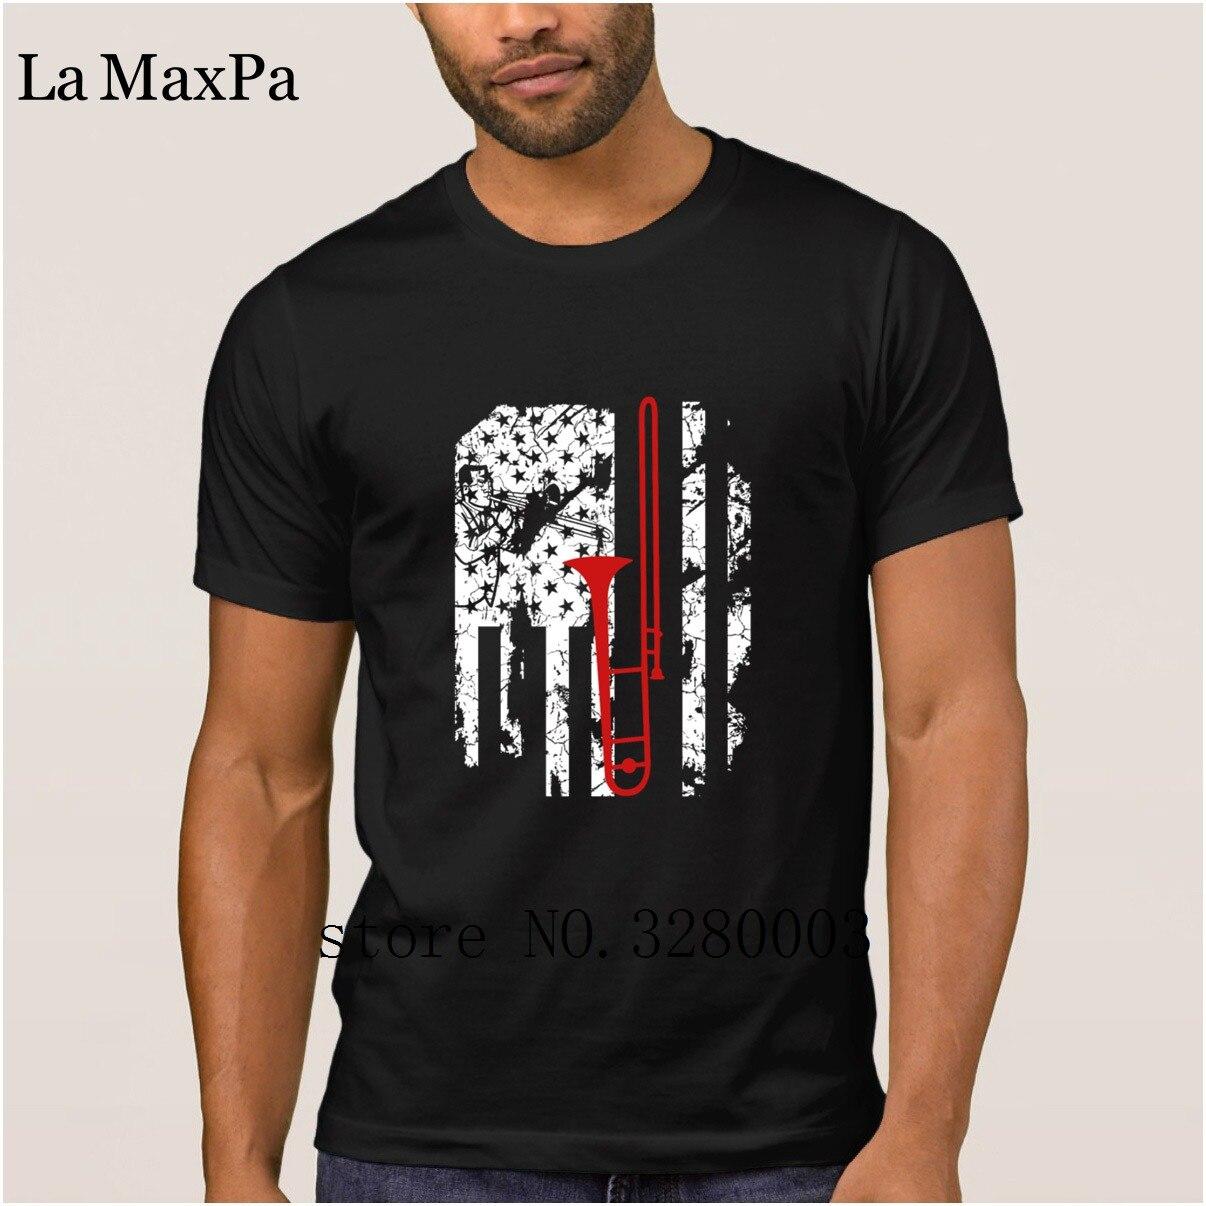 La maxpa принт Забавный Повседневное Мужская футболка тромбон флаги Мужская футболка Летний стиль для отдыха футболка Мужская Круглый Средств...